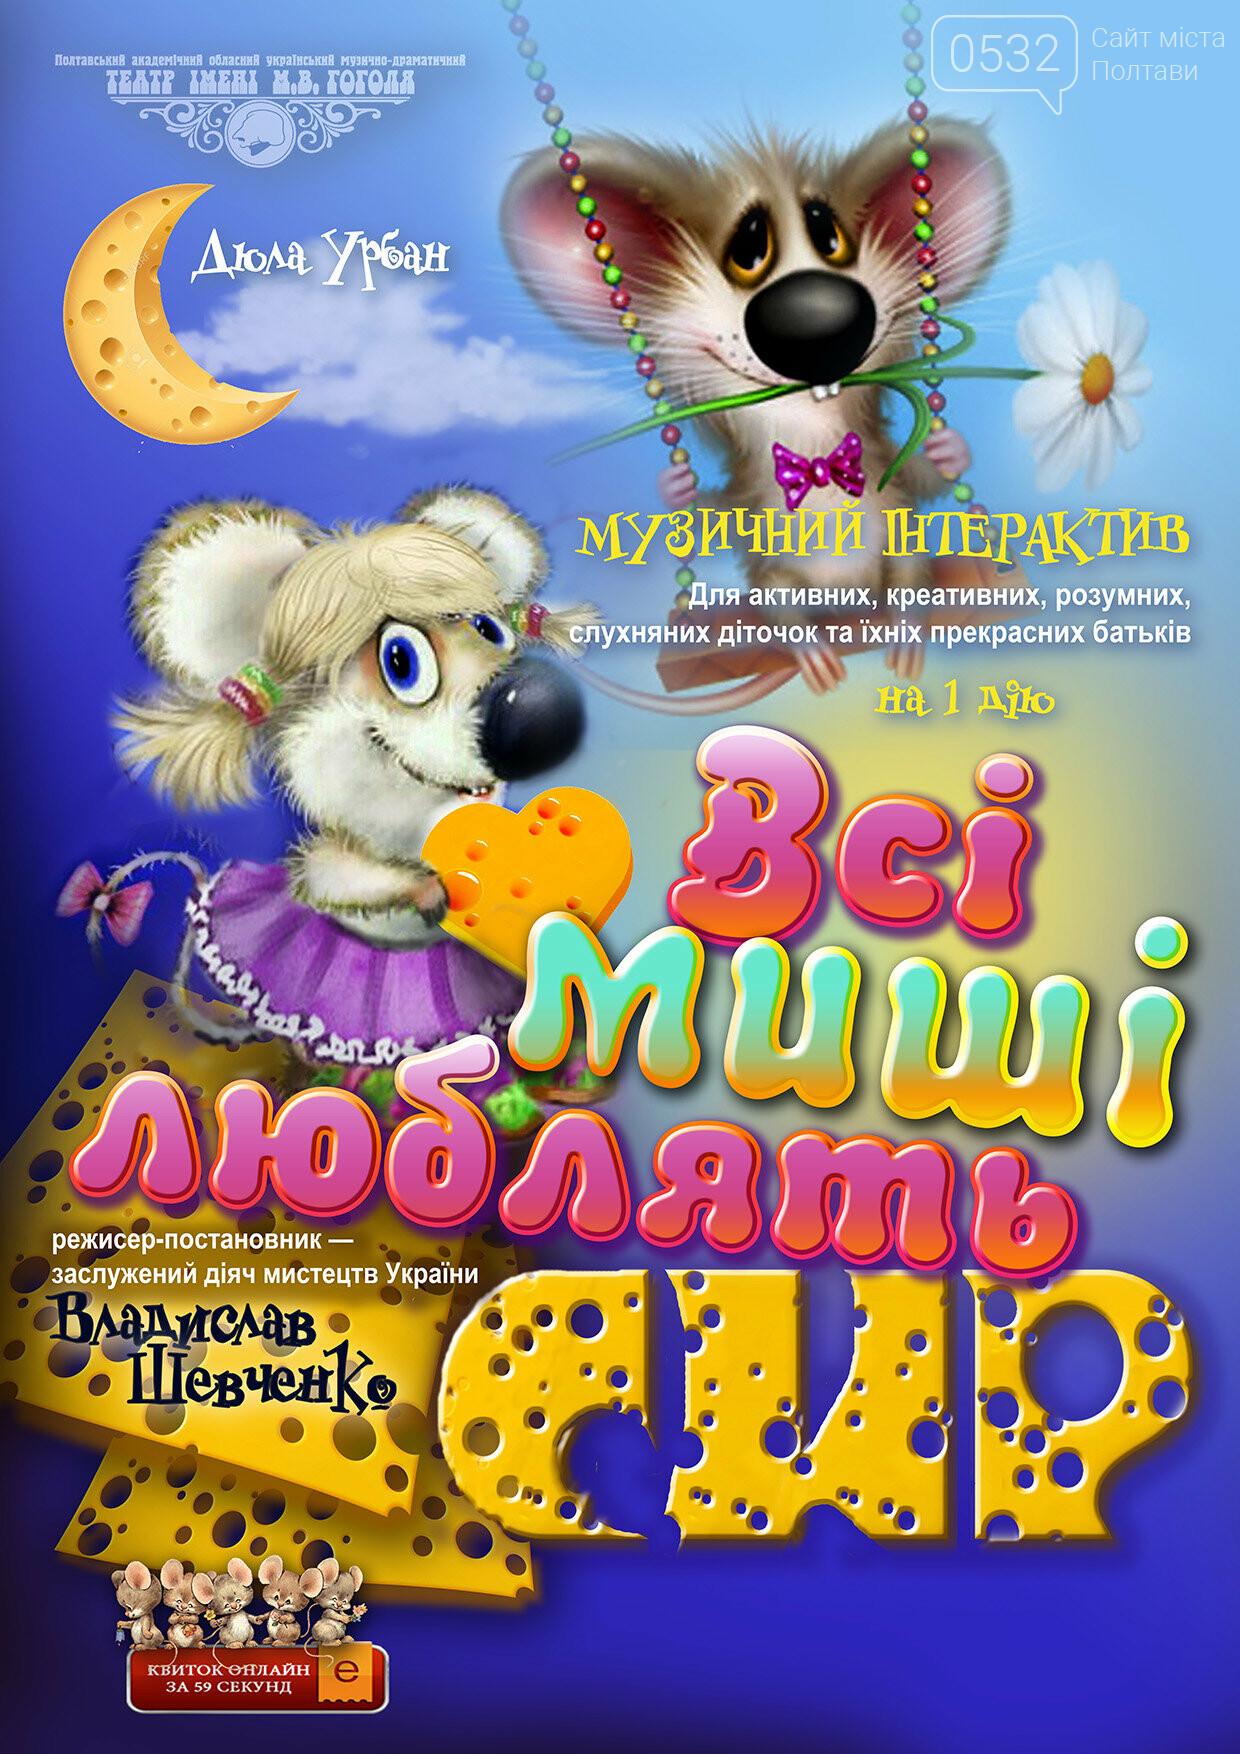 Полтавська театральна афіша лютого: для дорослих і дітей, фото-5